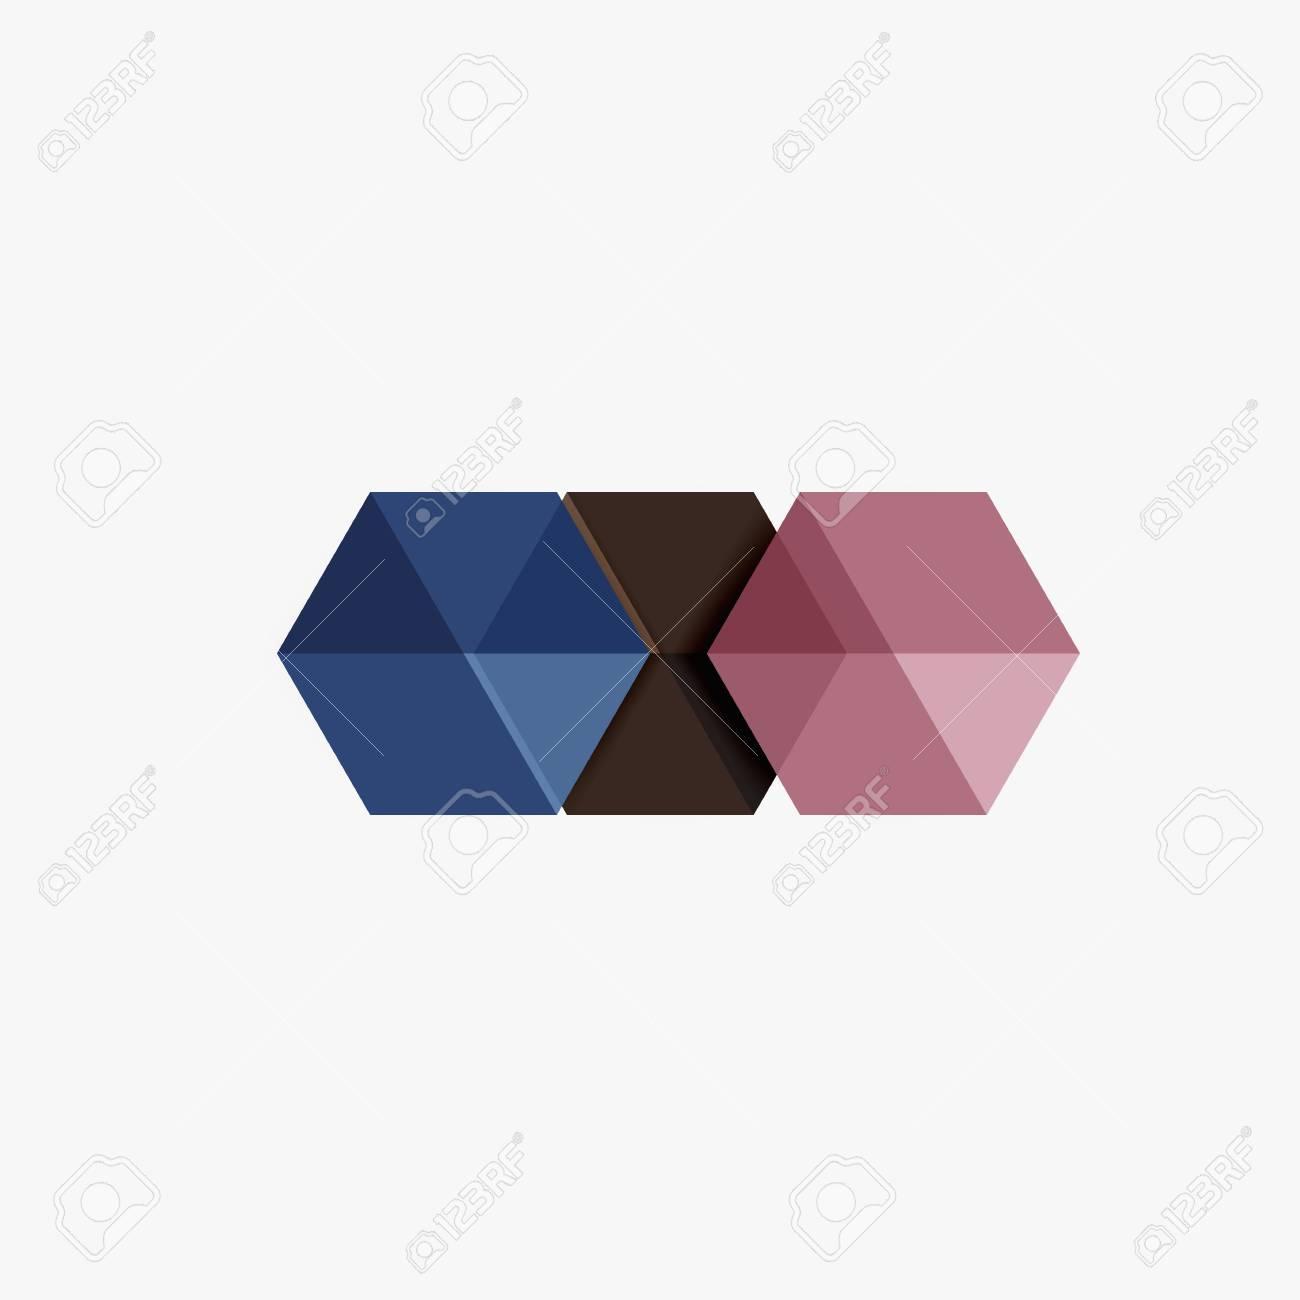 Ausgezeichnet Muster Blockvorlage Bilder - Bilder für das Lebenslauf ...